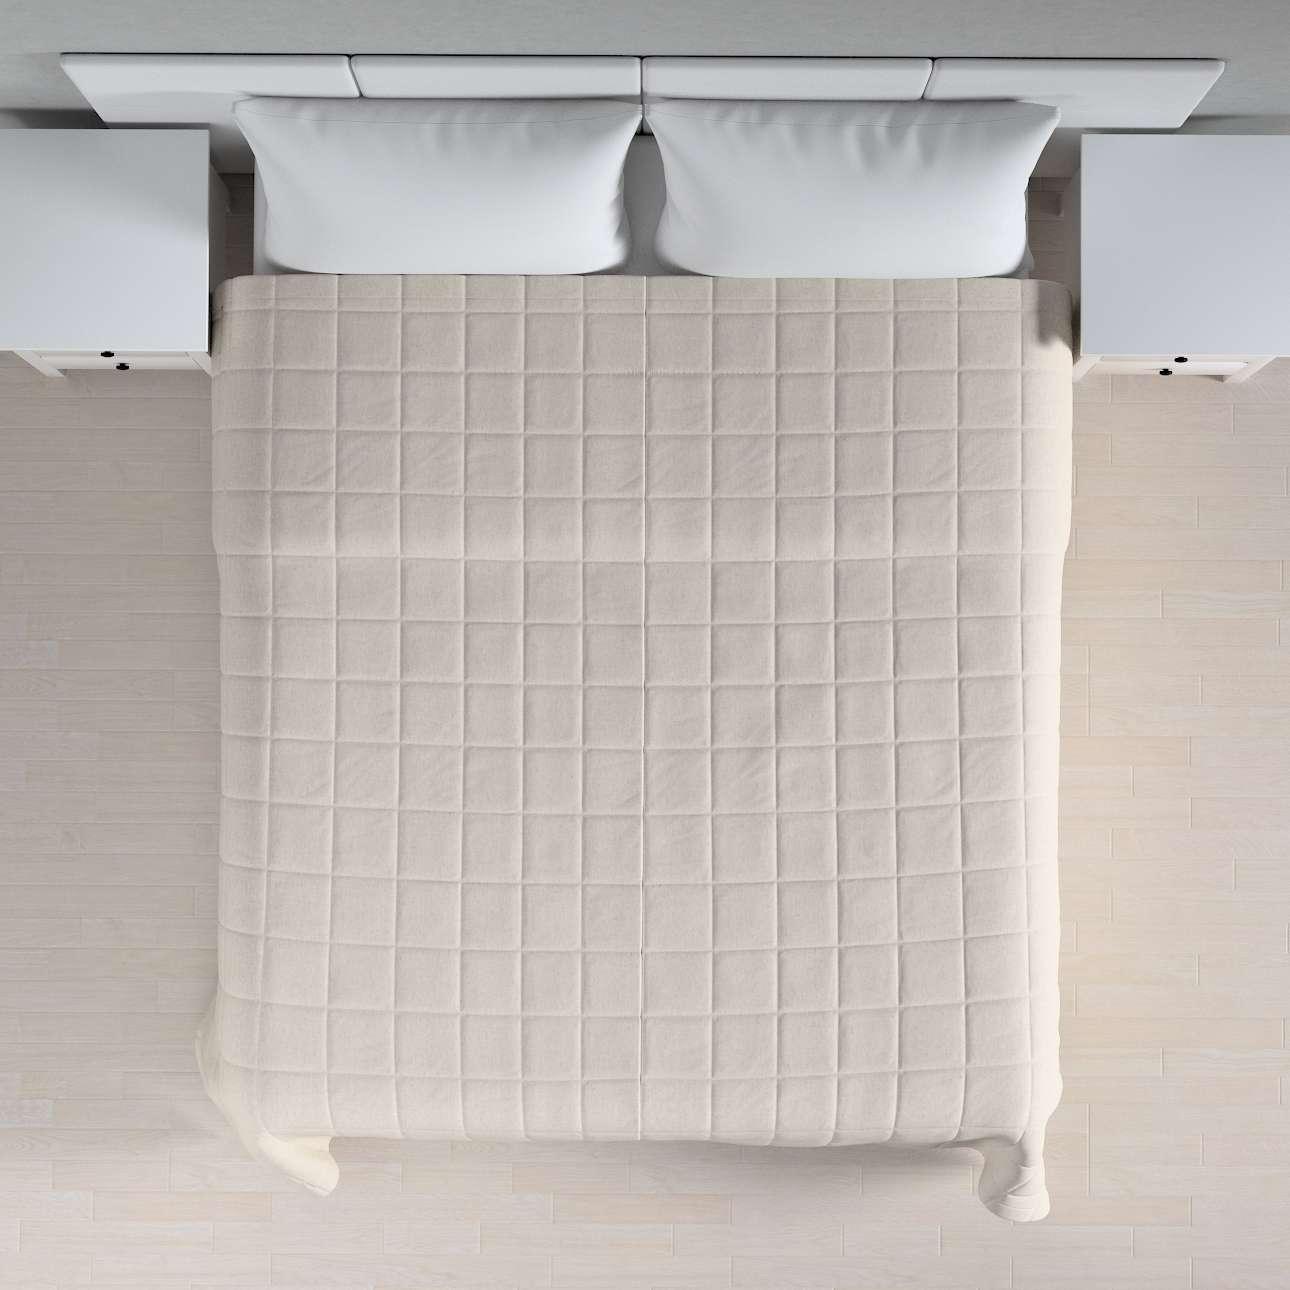 Prehoz prešívaný do štvorcov V kolekcii Loneta, tkanina: 133-65